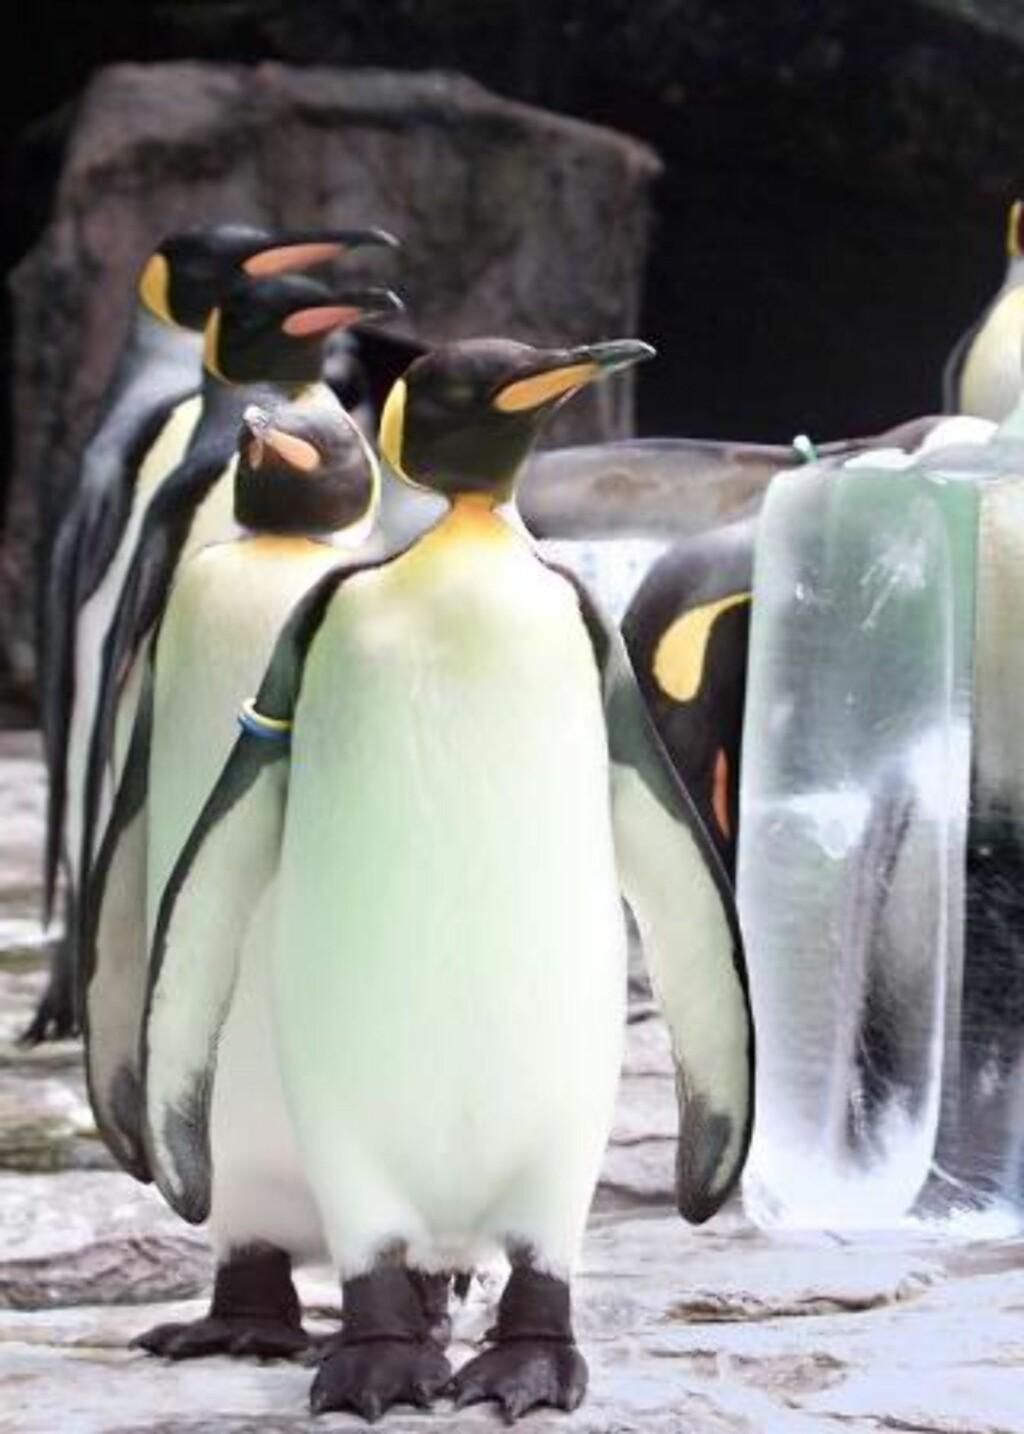 FLOTTE: Kongepinviner på tur i en dyrepark i Japan. Forskningsprosjektet ble forøvrig gjort på ville pingviner. Foto: EPA